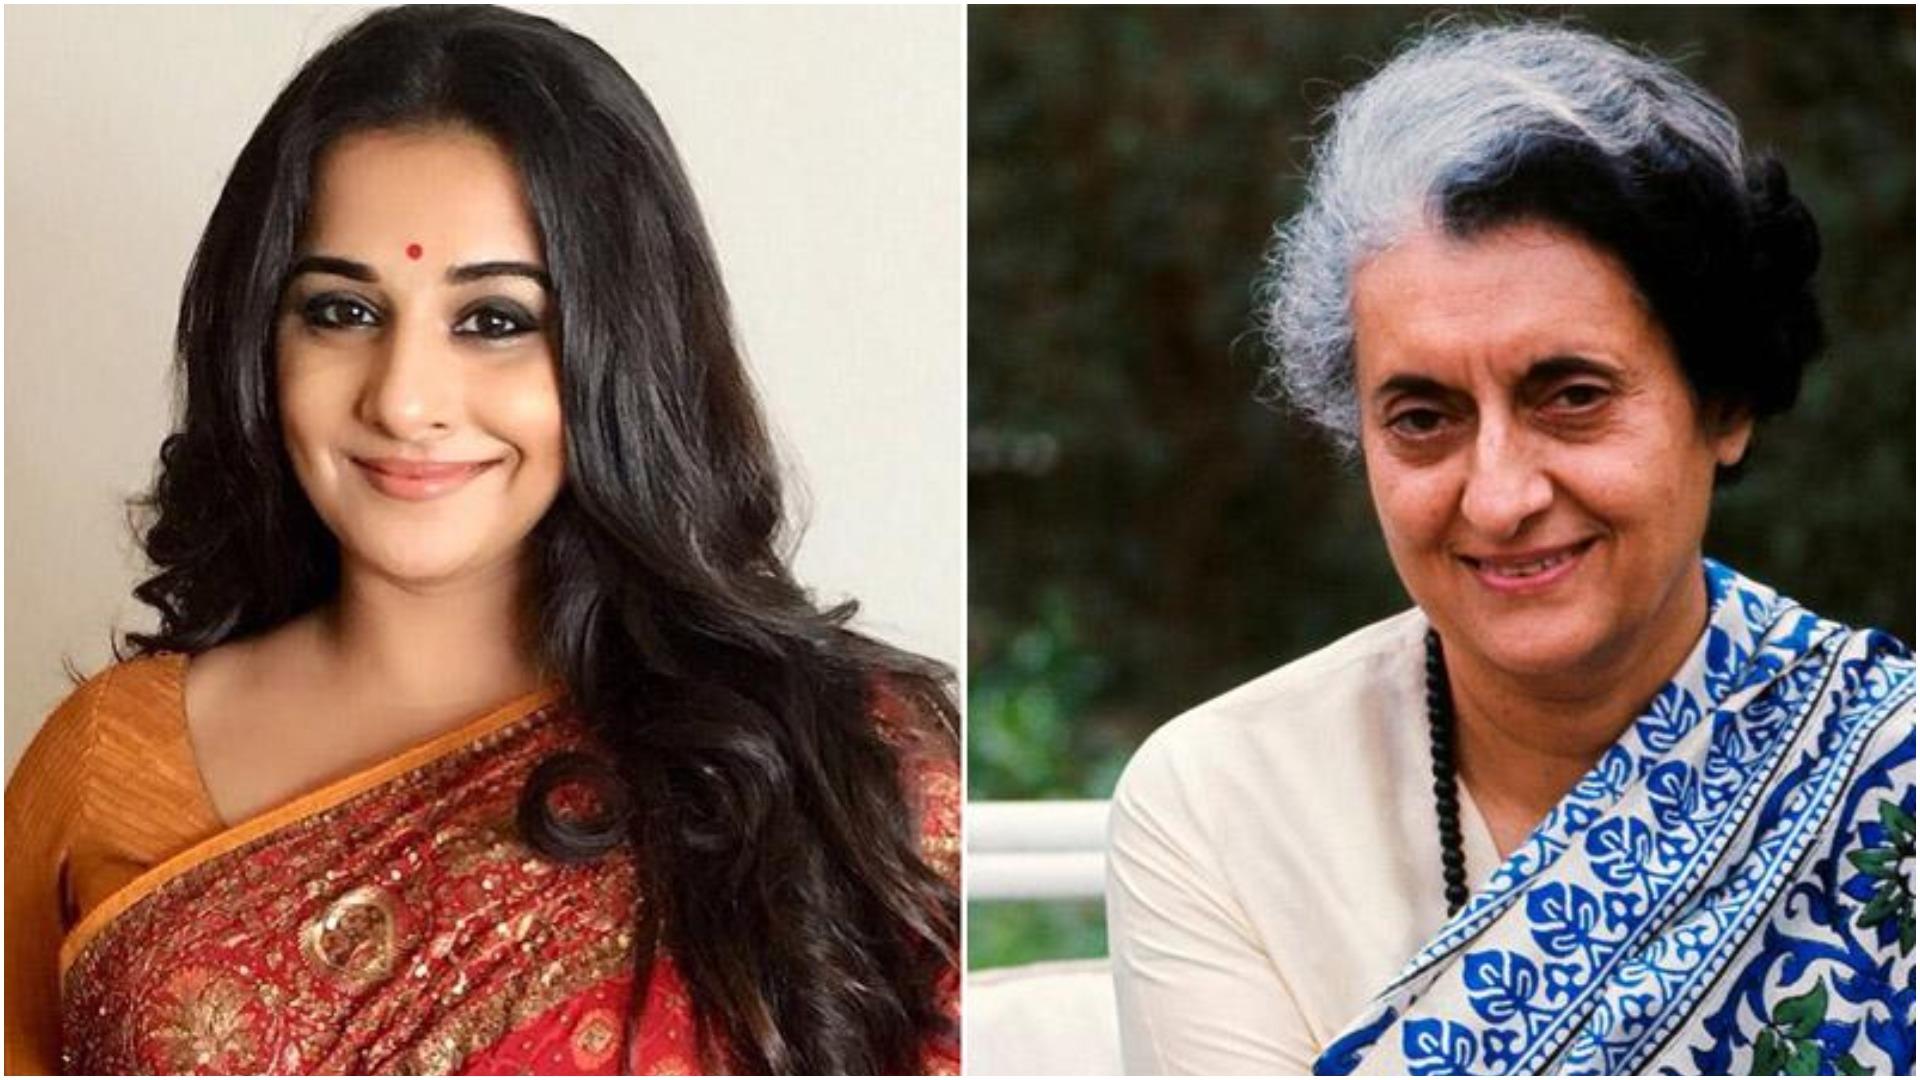 कन्फर्म! फिल्म एक्ट्रेस विद्या बालन अब करेंगी इंदिरा गांधी का रोल, इस बायोपिक के बारे में किया बड़ा खुलासा